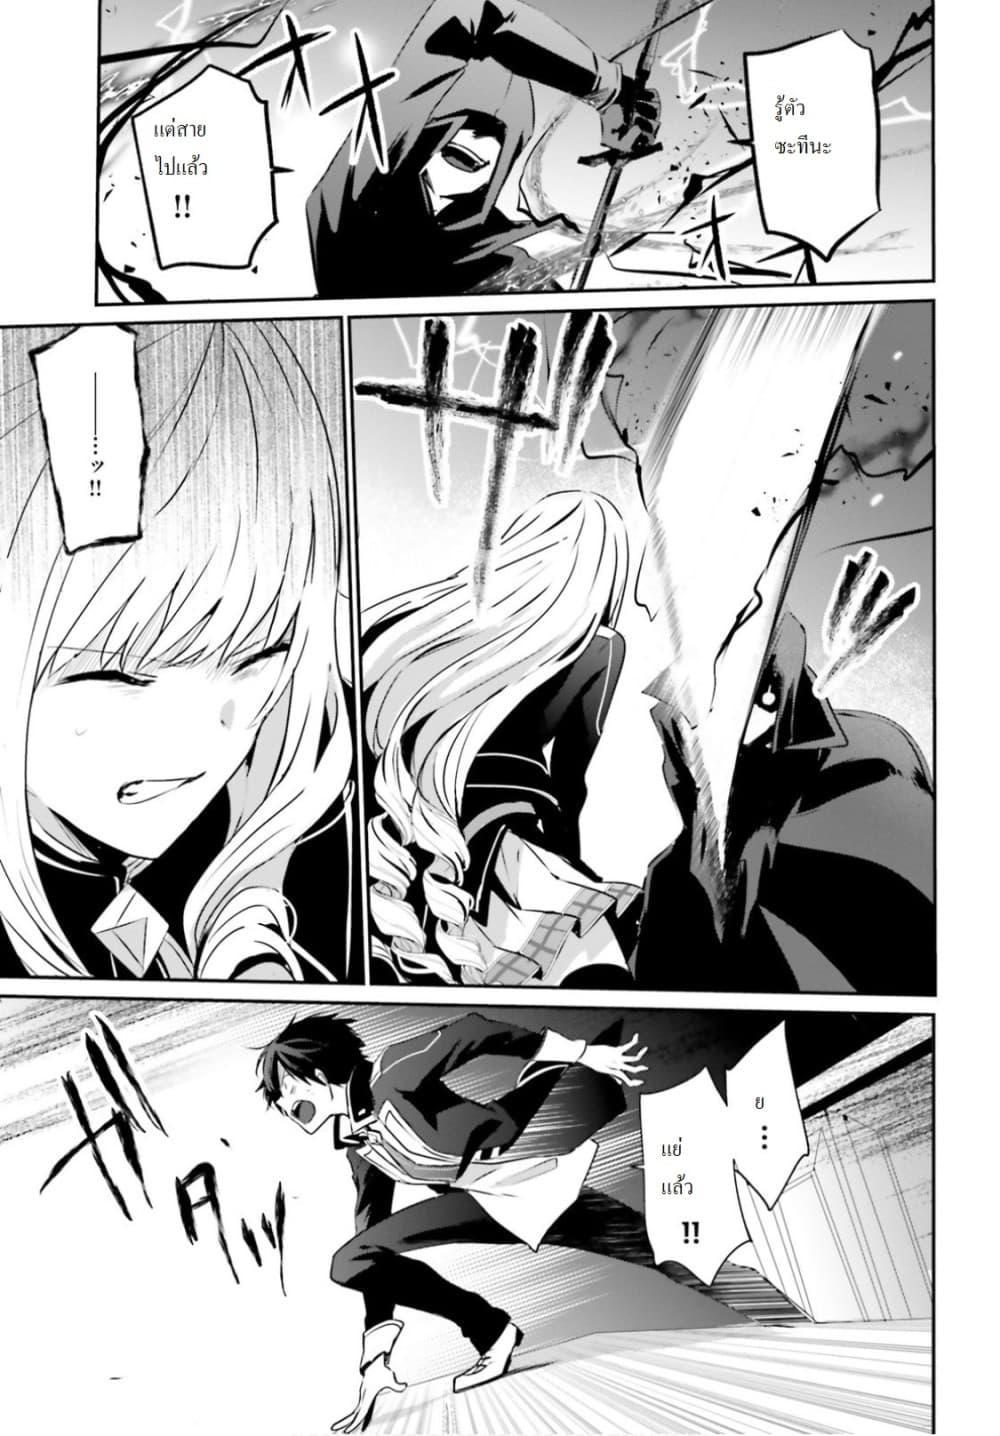 อ่านการ์ตูน Kage no Jitsuryokusha ni Naritakute! ตอนที่ 10.1 หน้าที่ 5